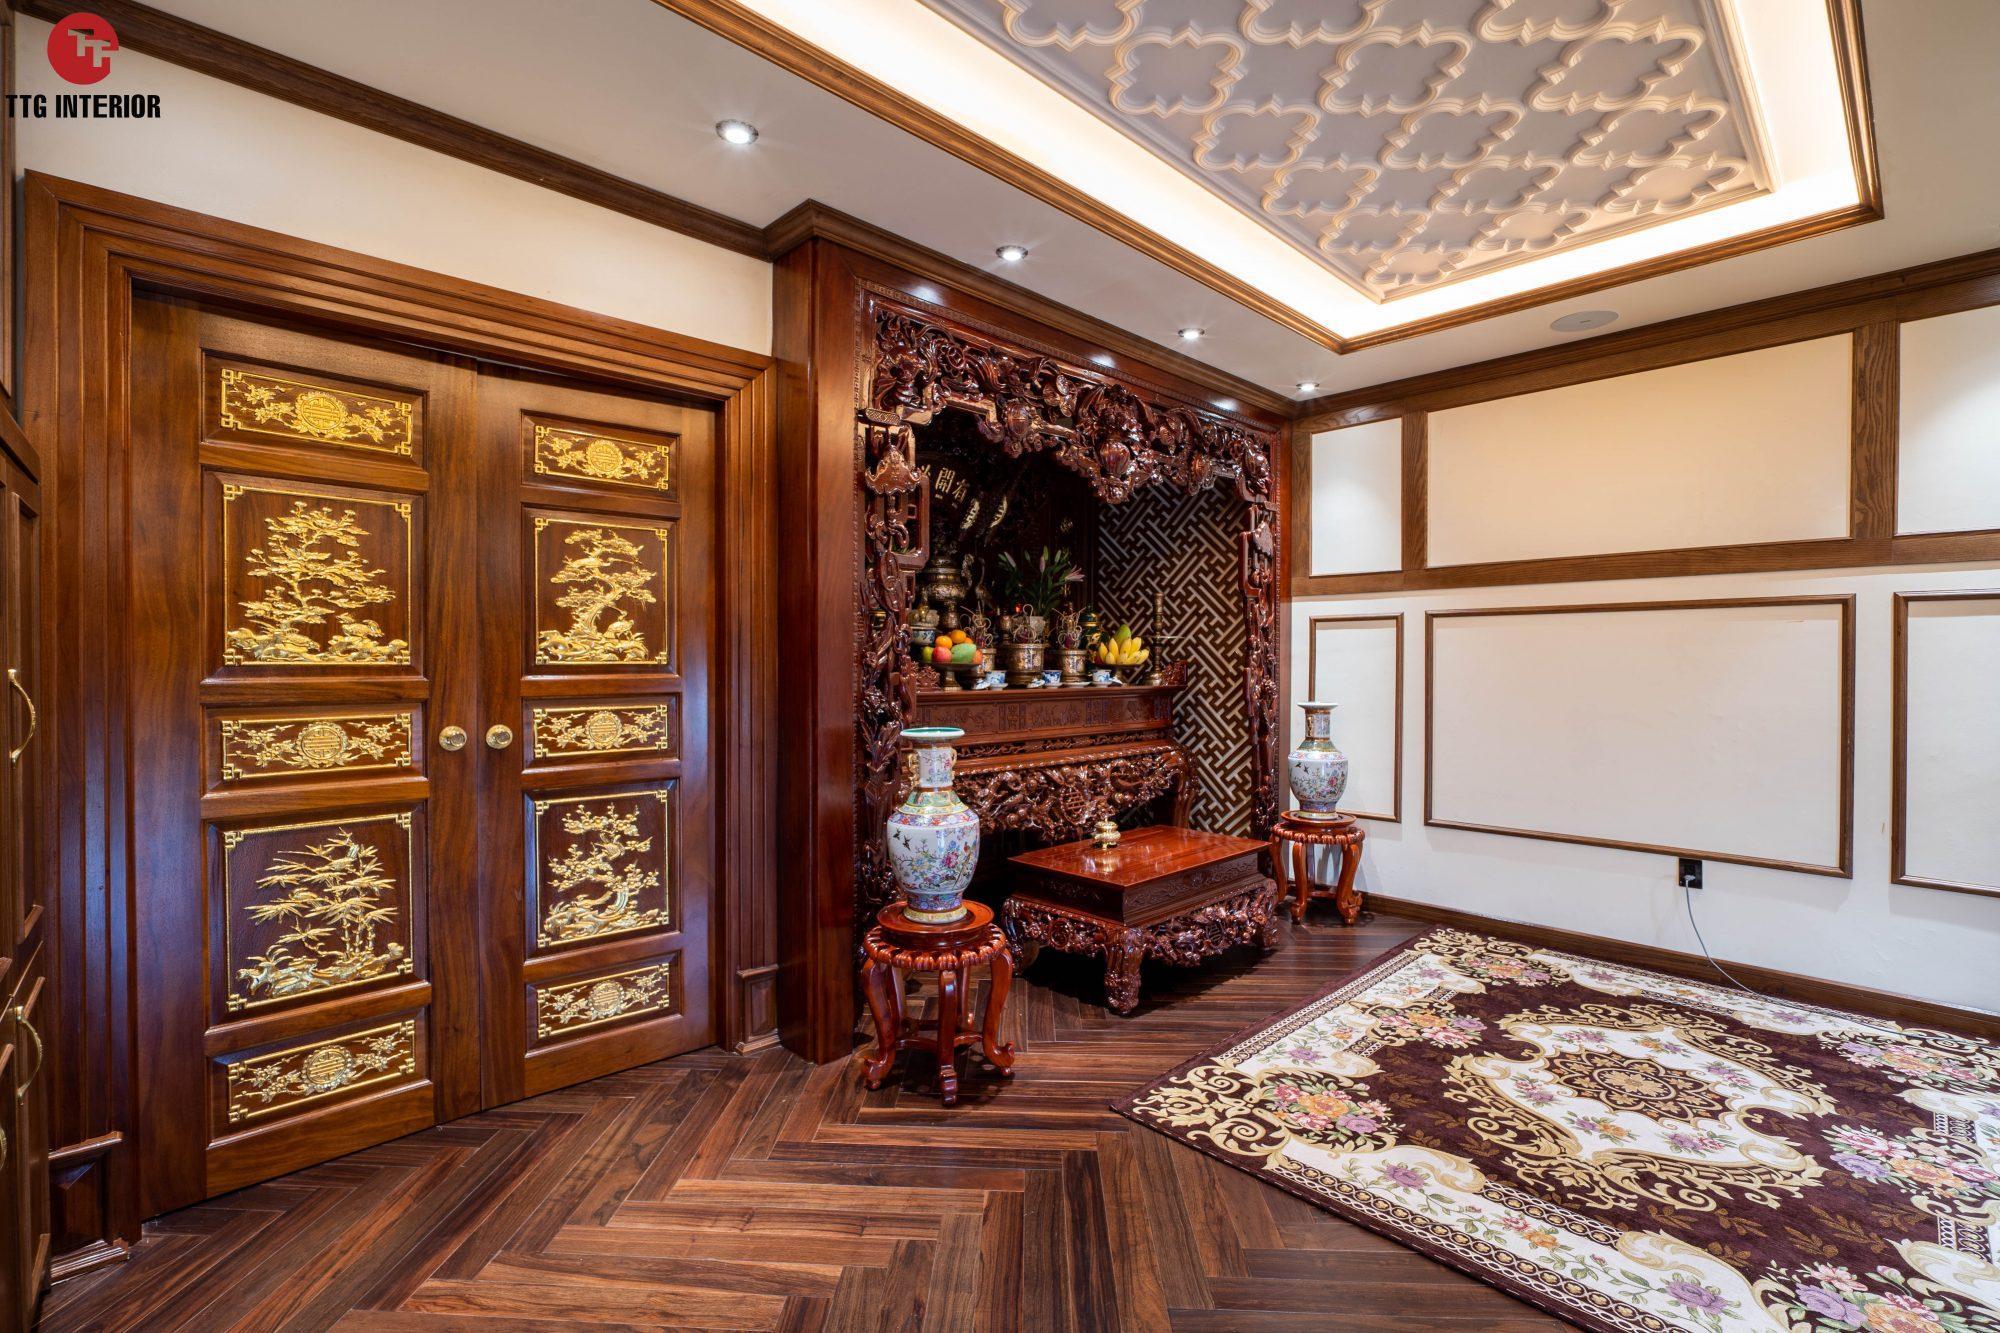 Không gian phòng thờ sang trọng với nội thất gỗ tự nhiên